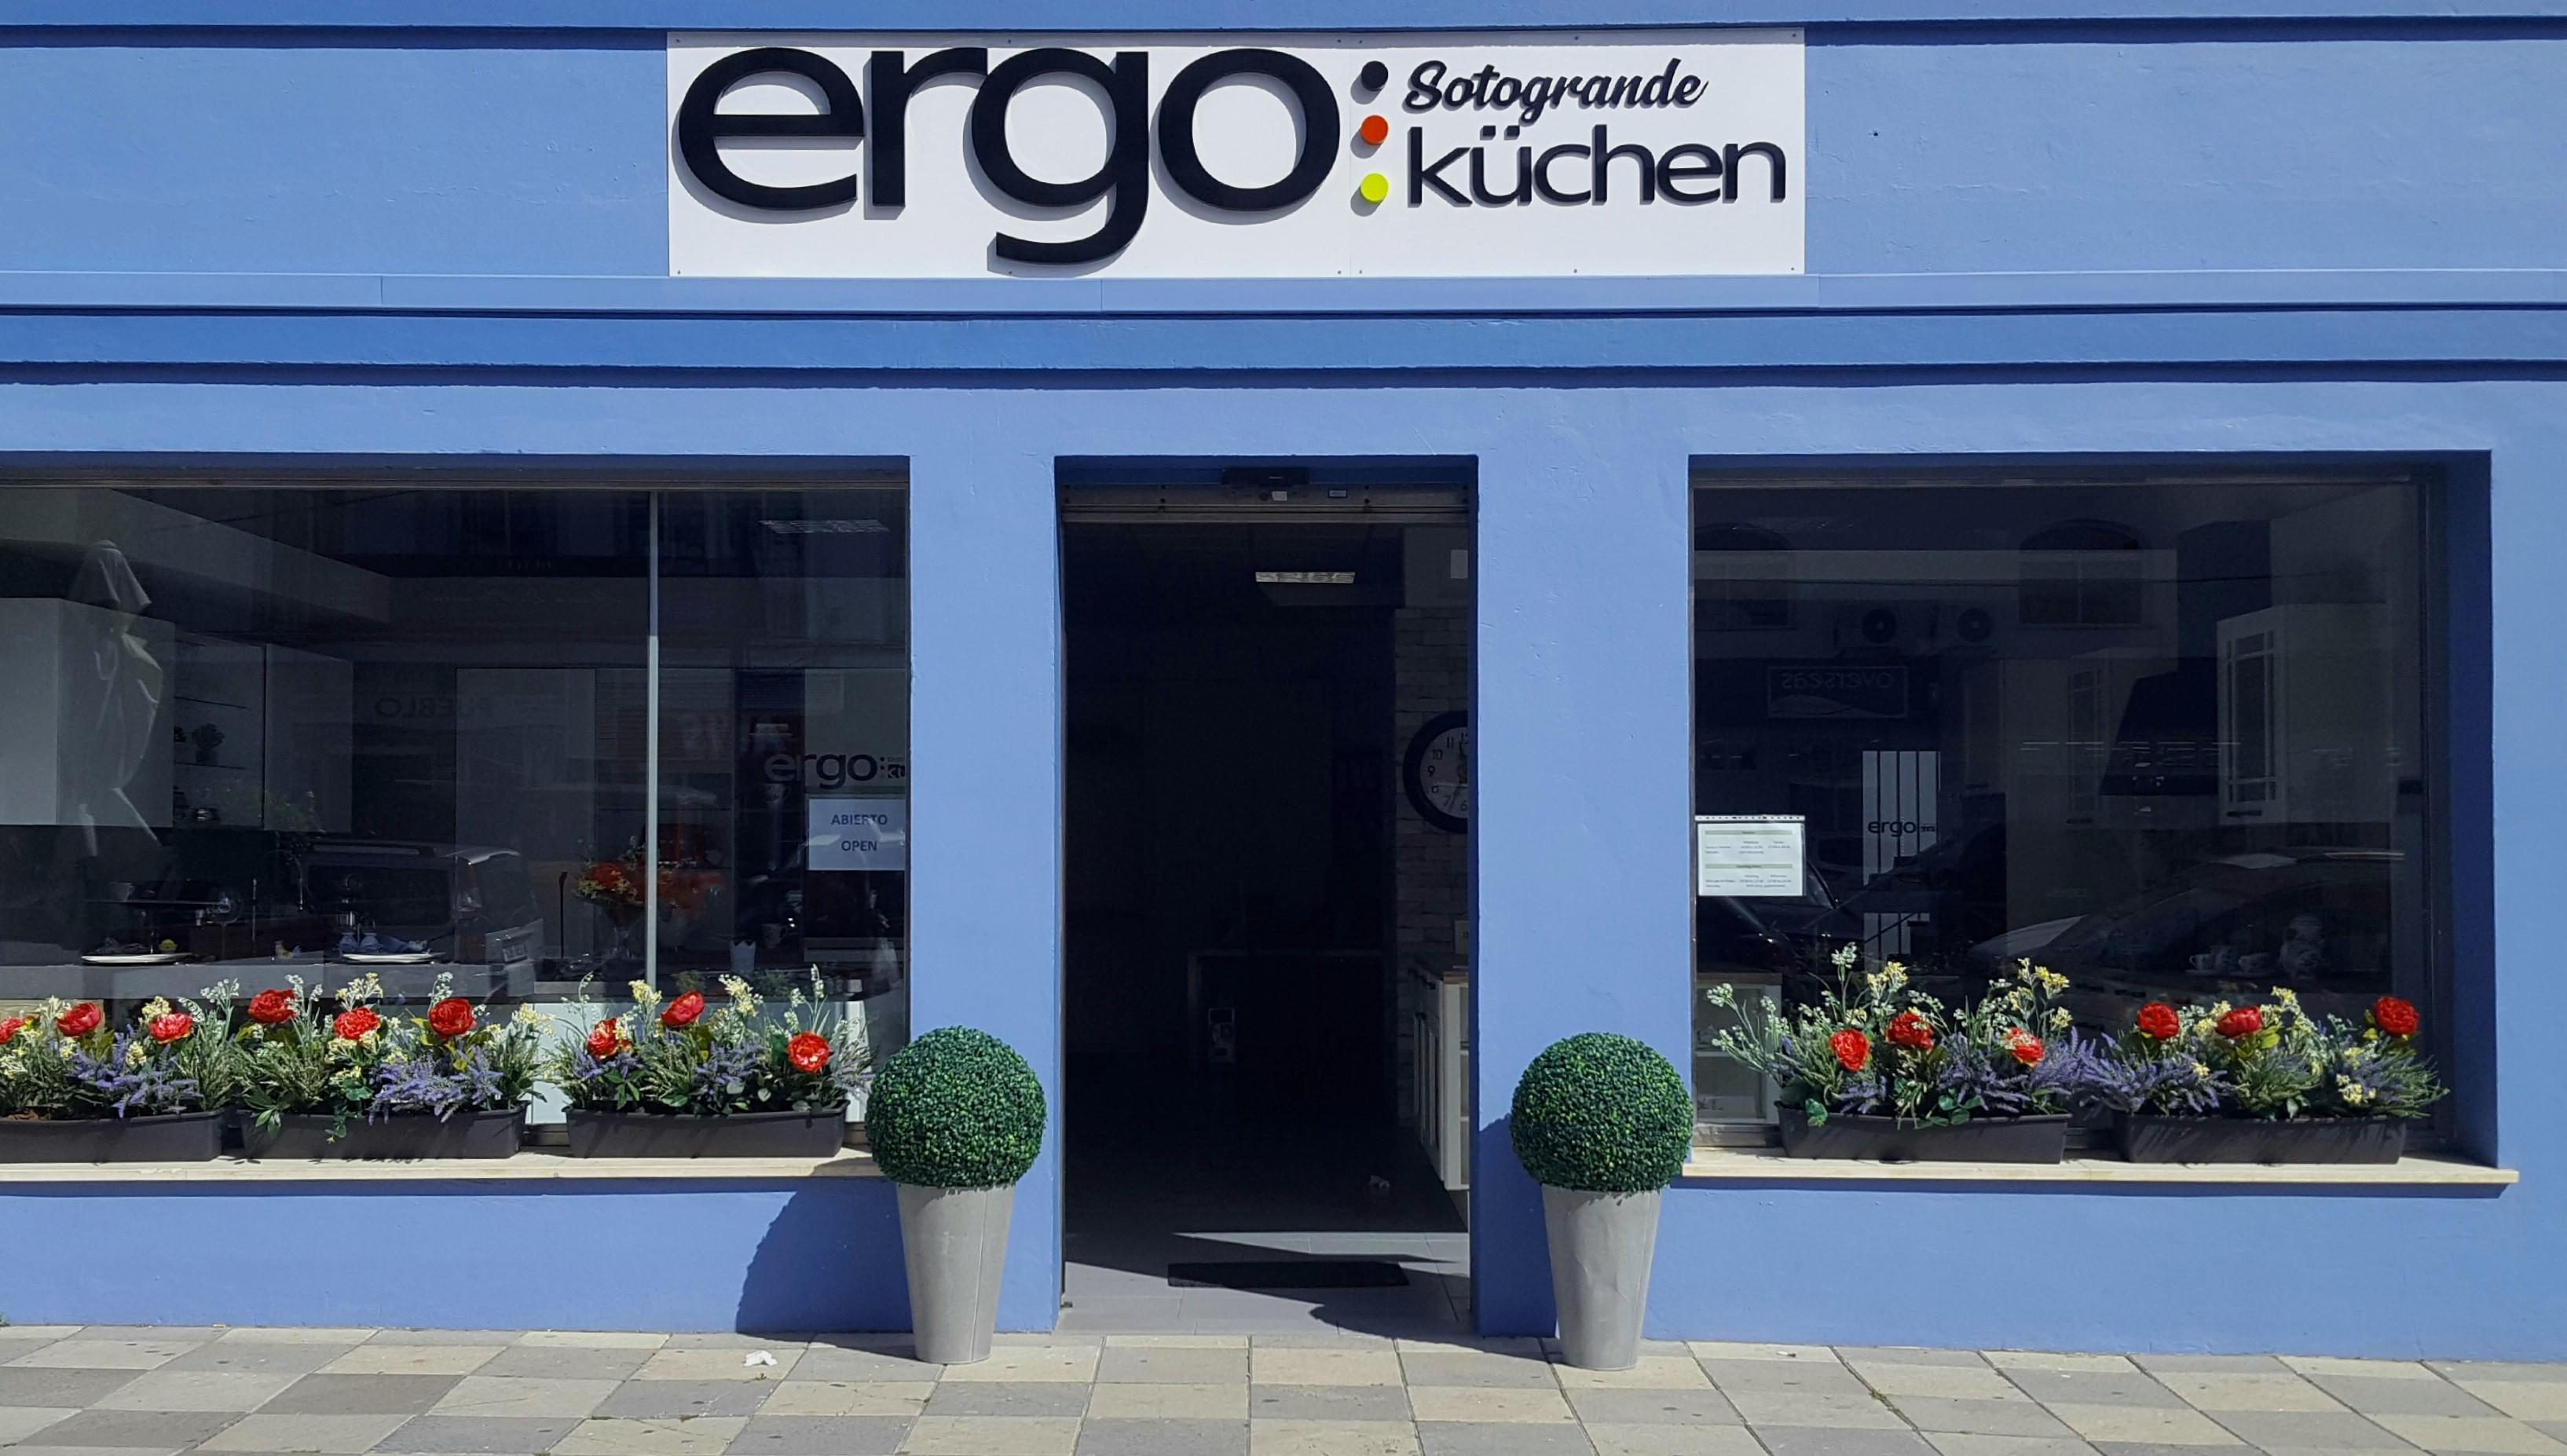 Ergo Küchen Sotogrande